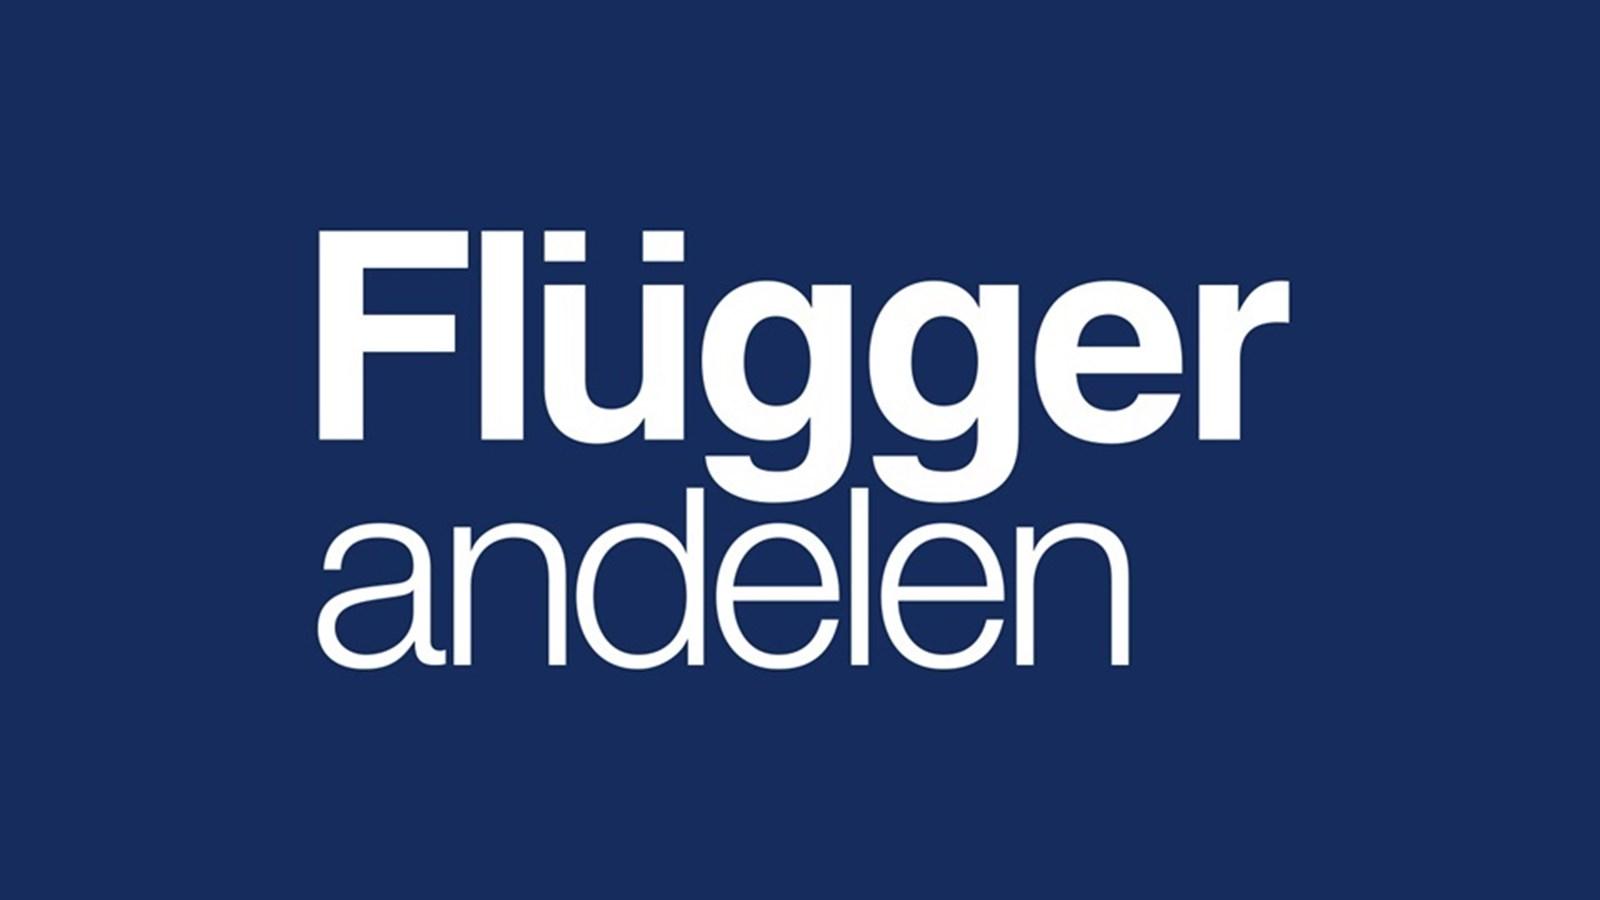 flugger_andelen_neg_blue_16x9.jpg